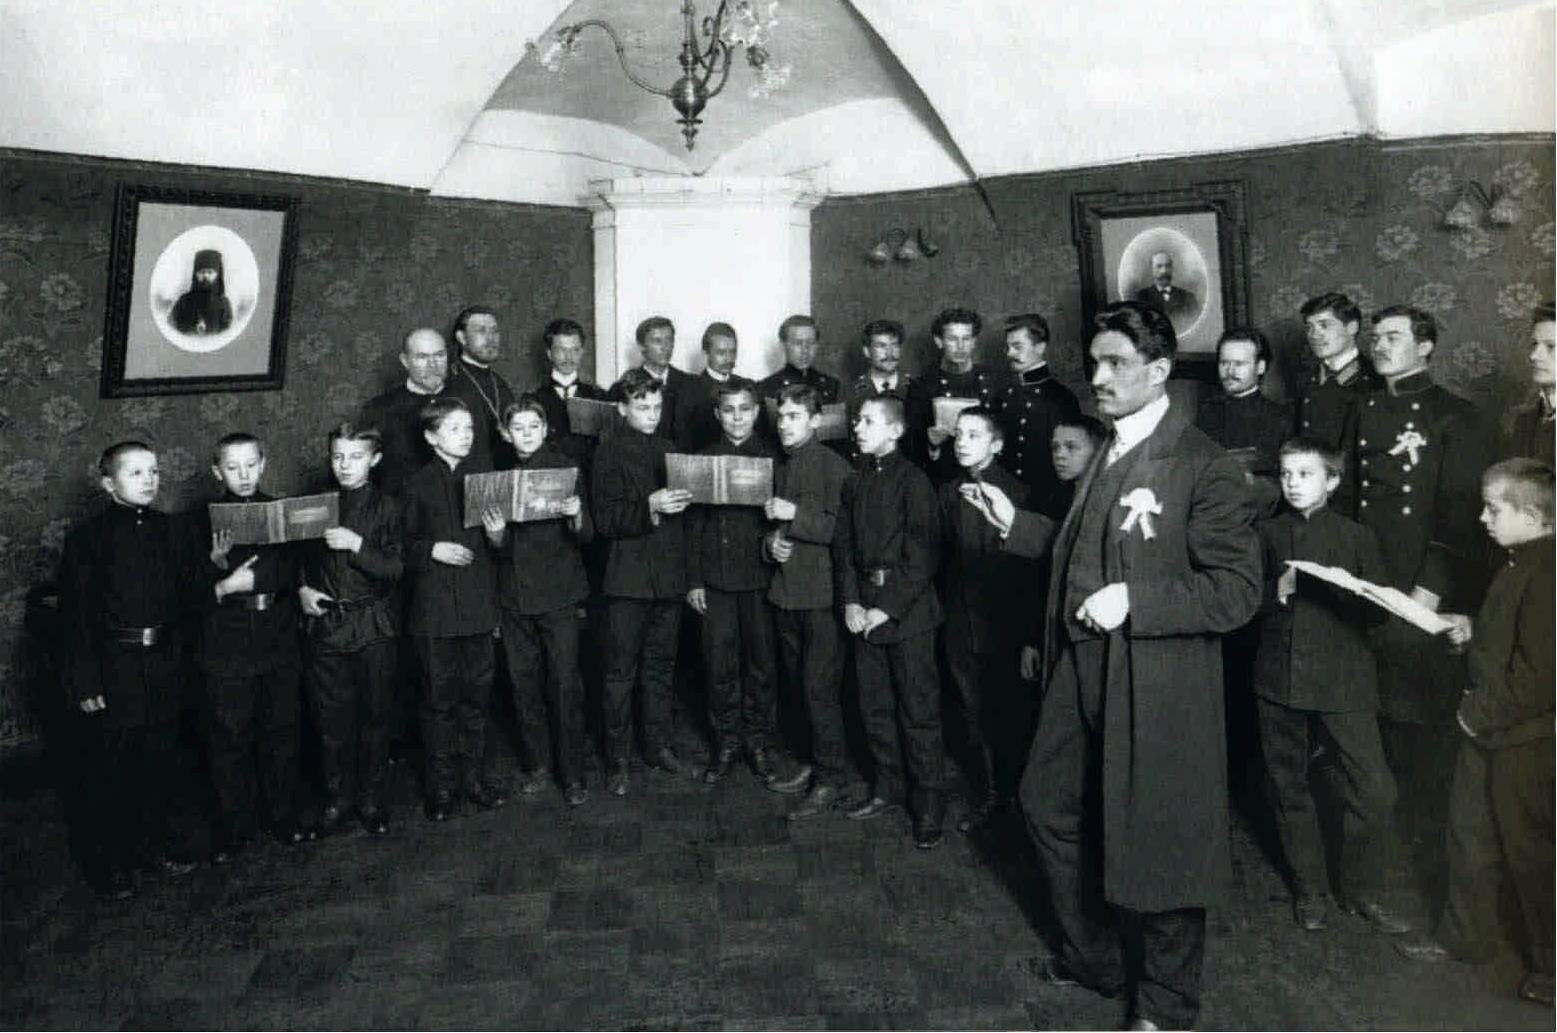 1910. Хор Санкт-Петербургской духовной академии. Дирижирует П. А. Органов.15 февраля